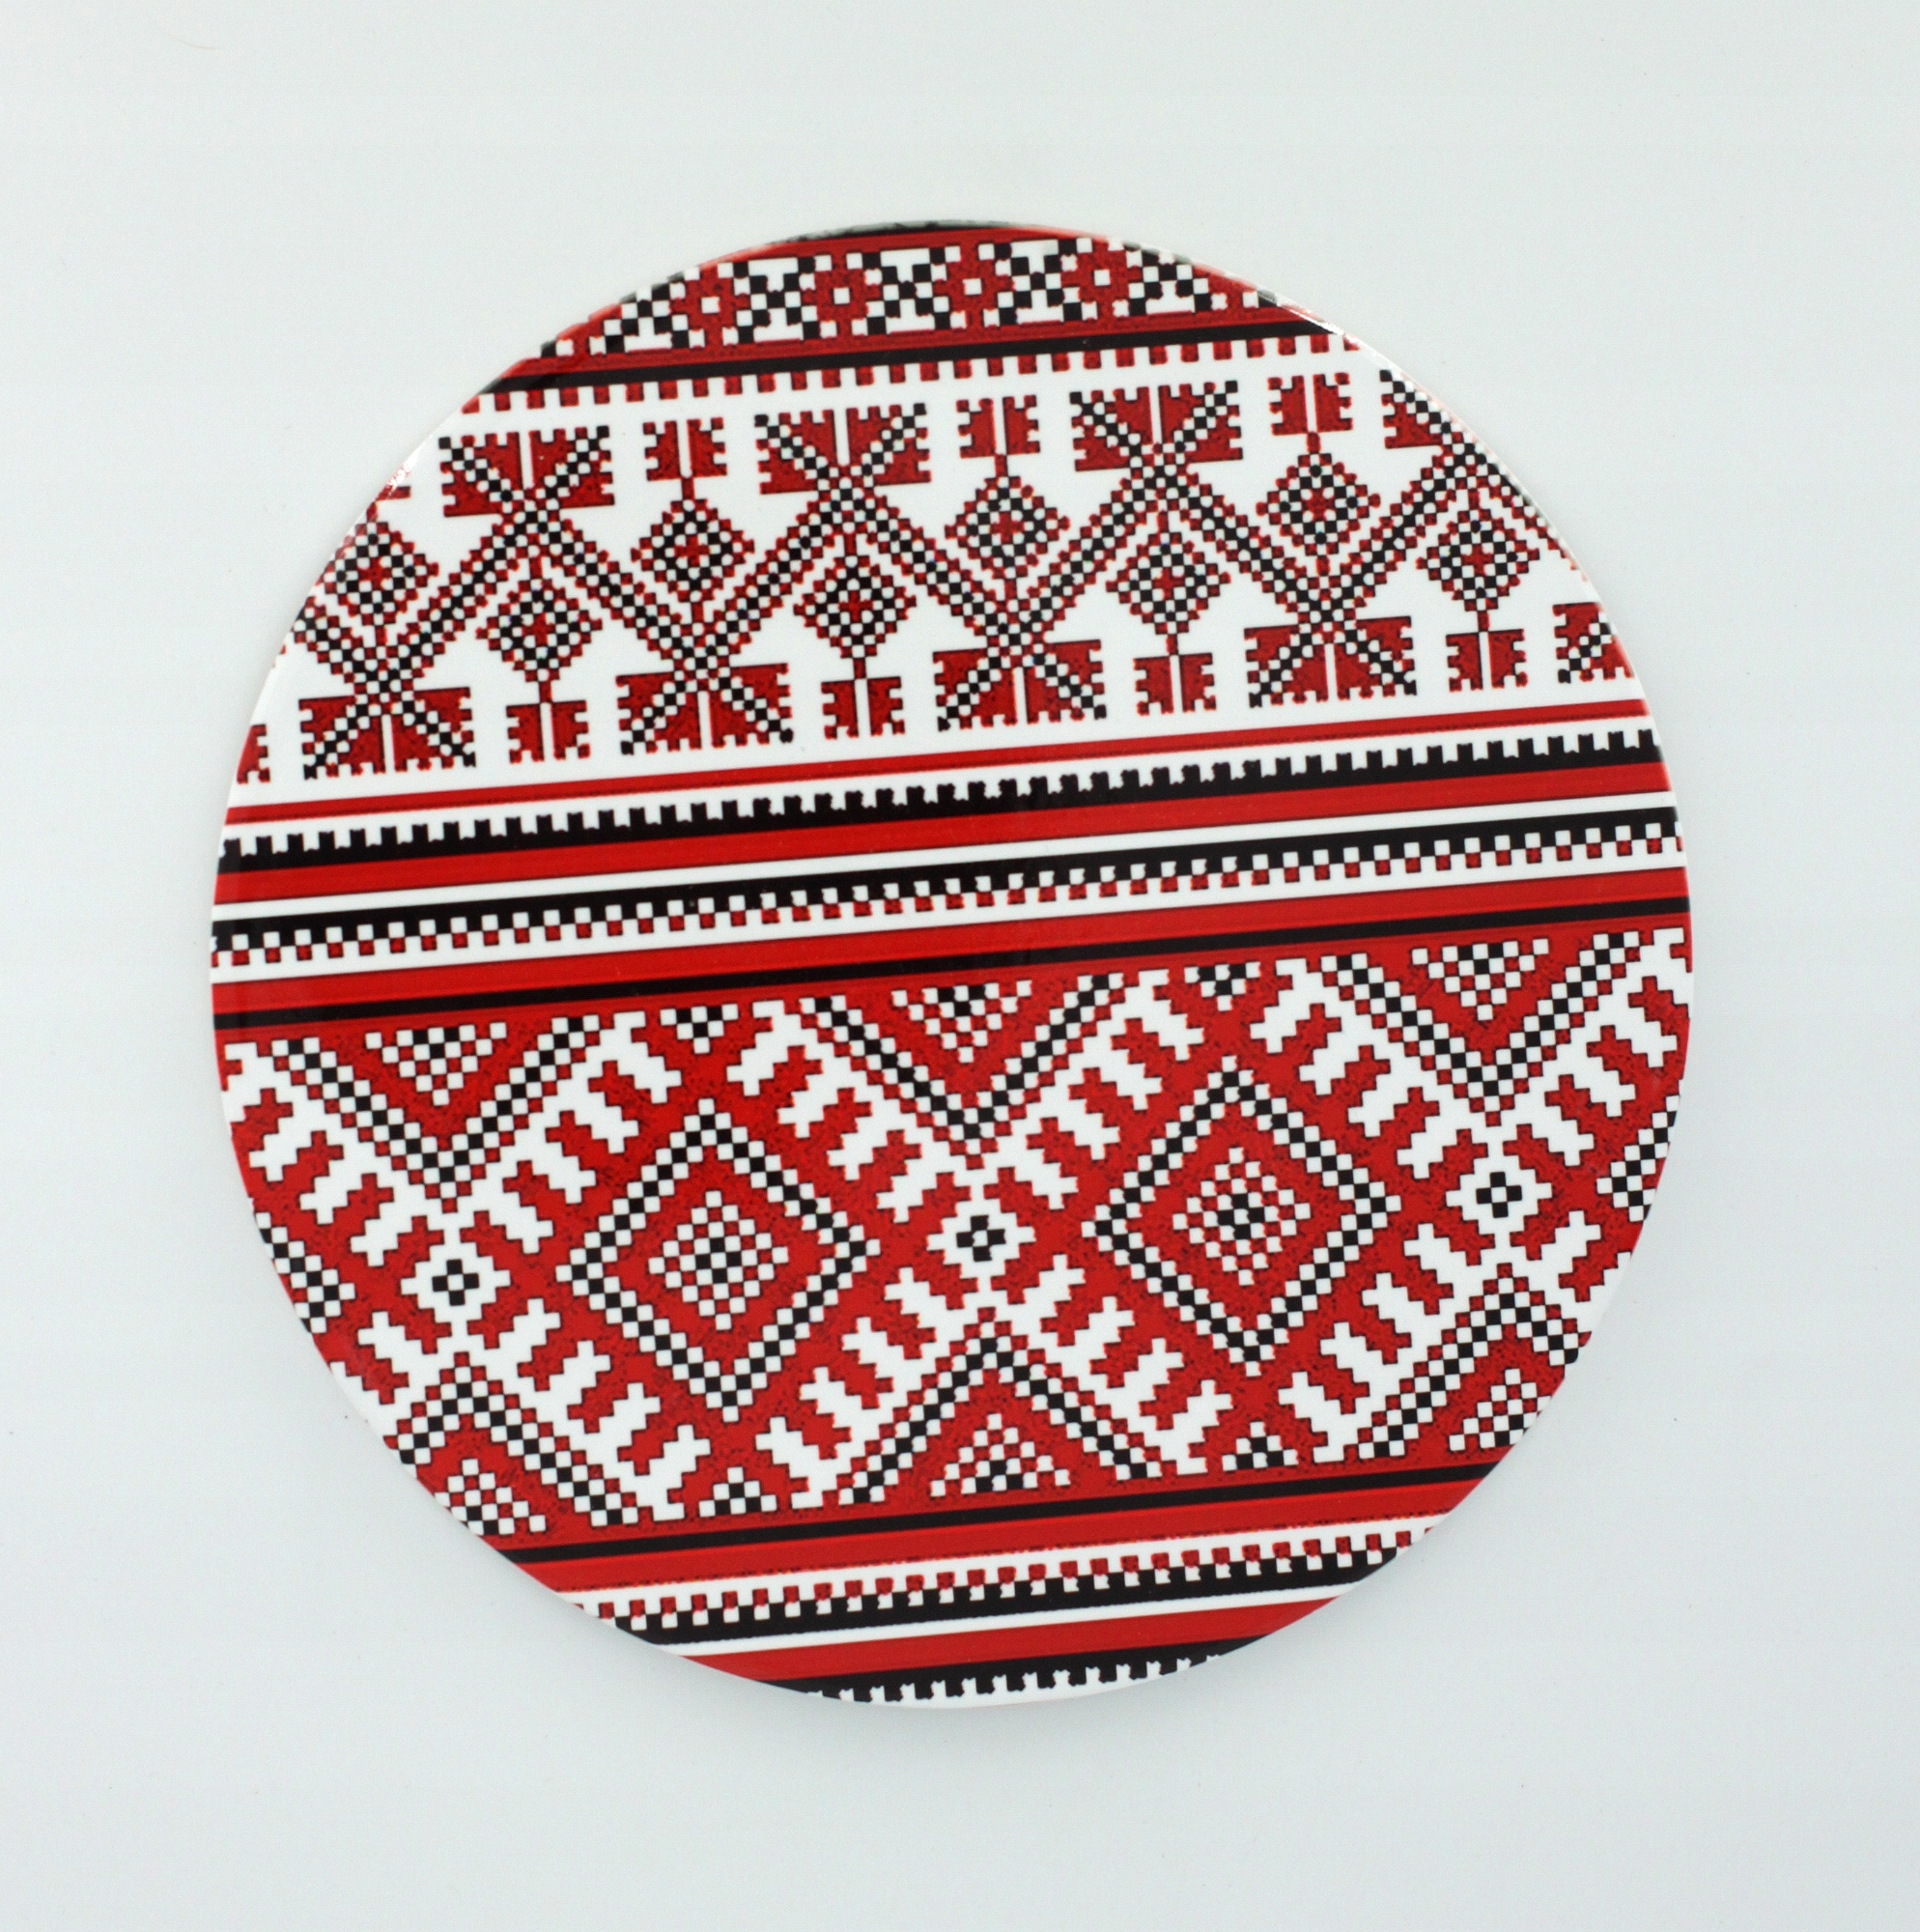 Тарелка керамическая на стол - 20 см Карпатский узор